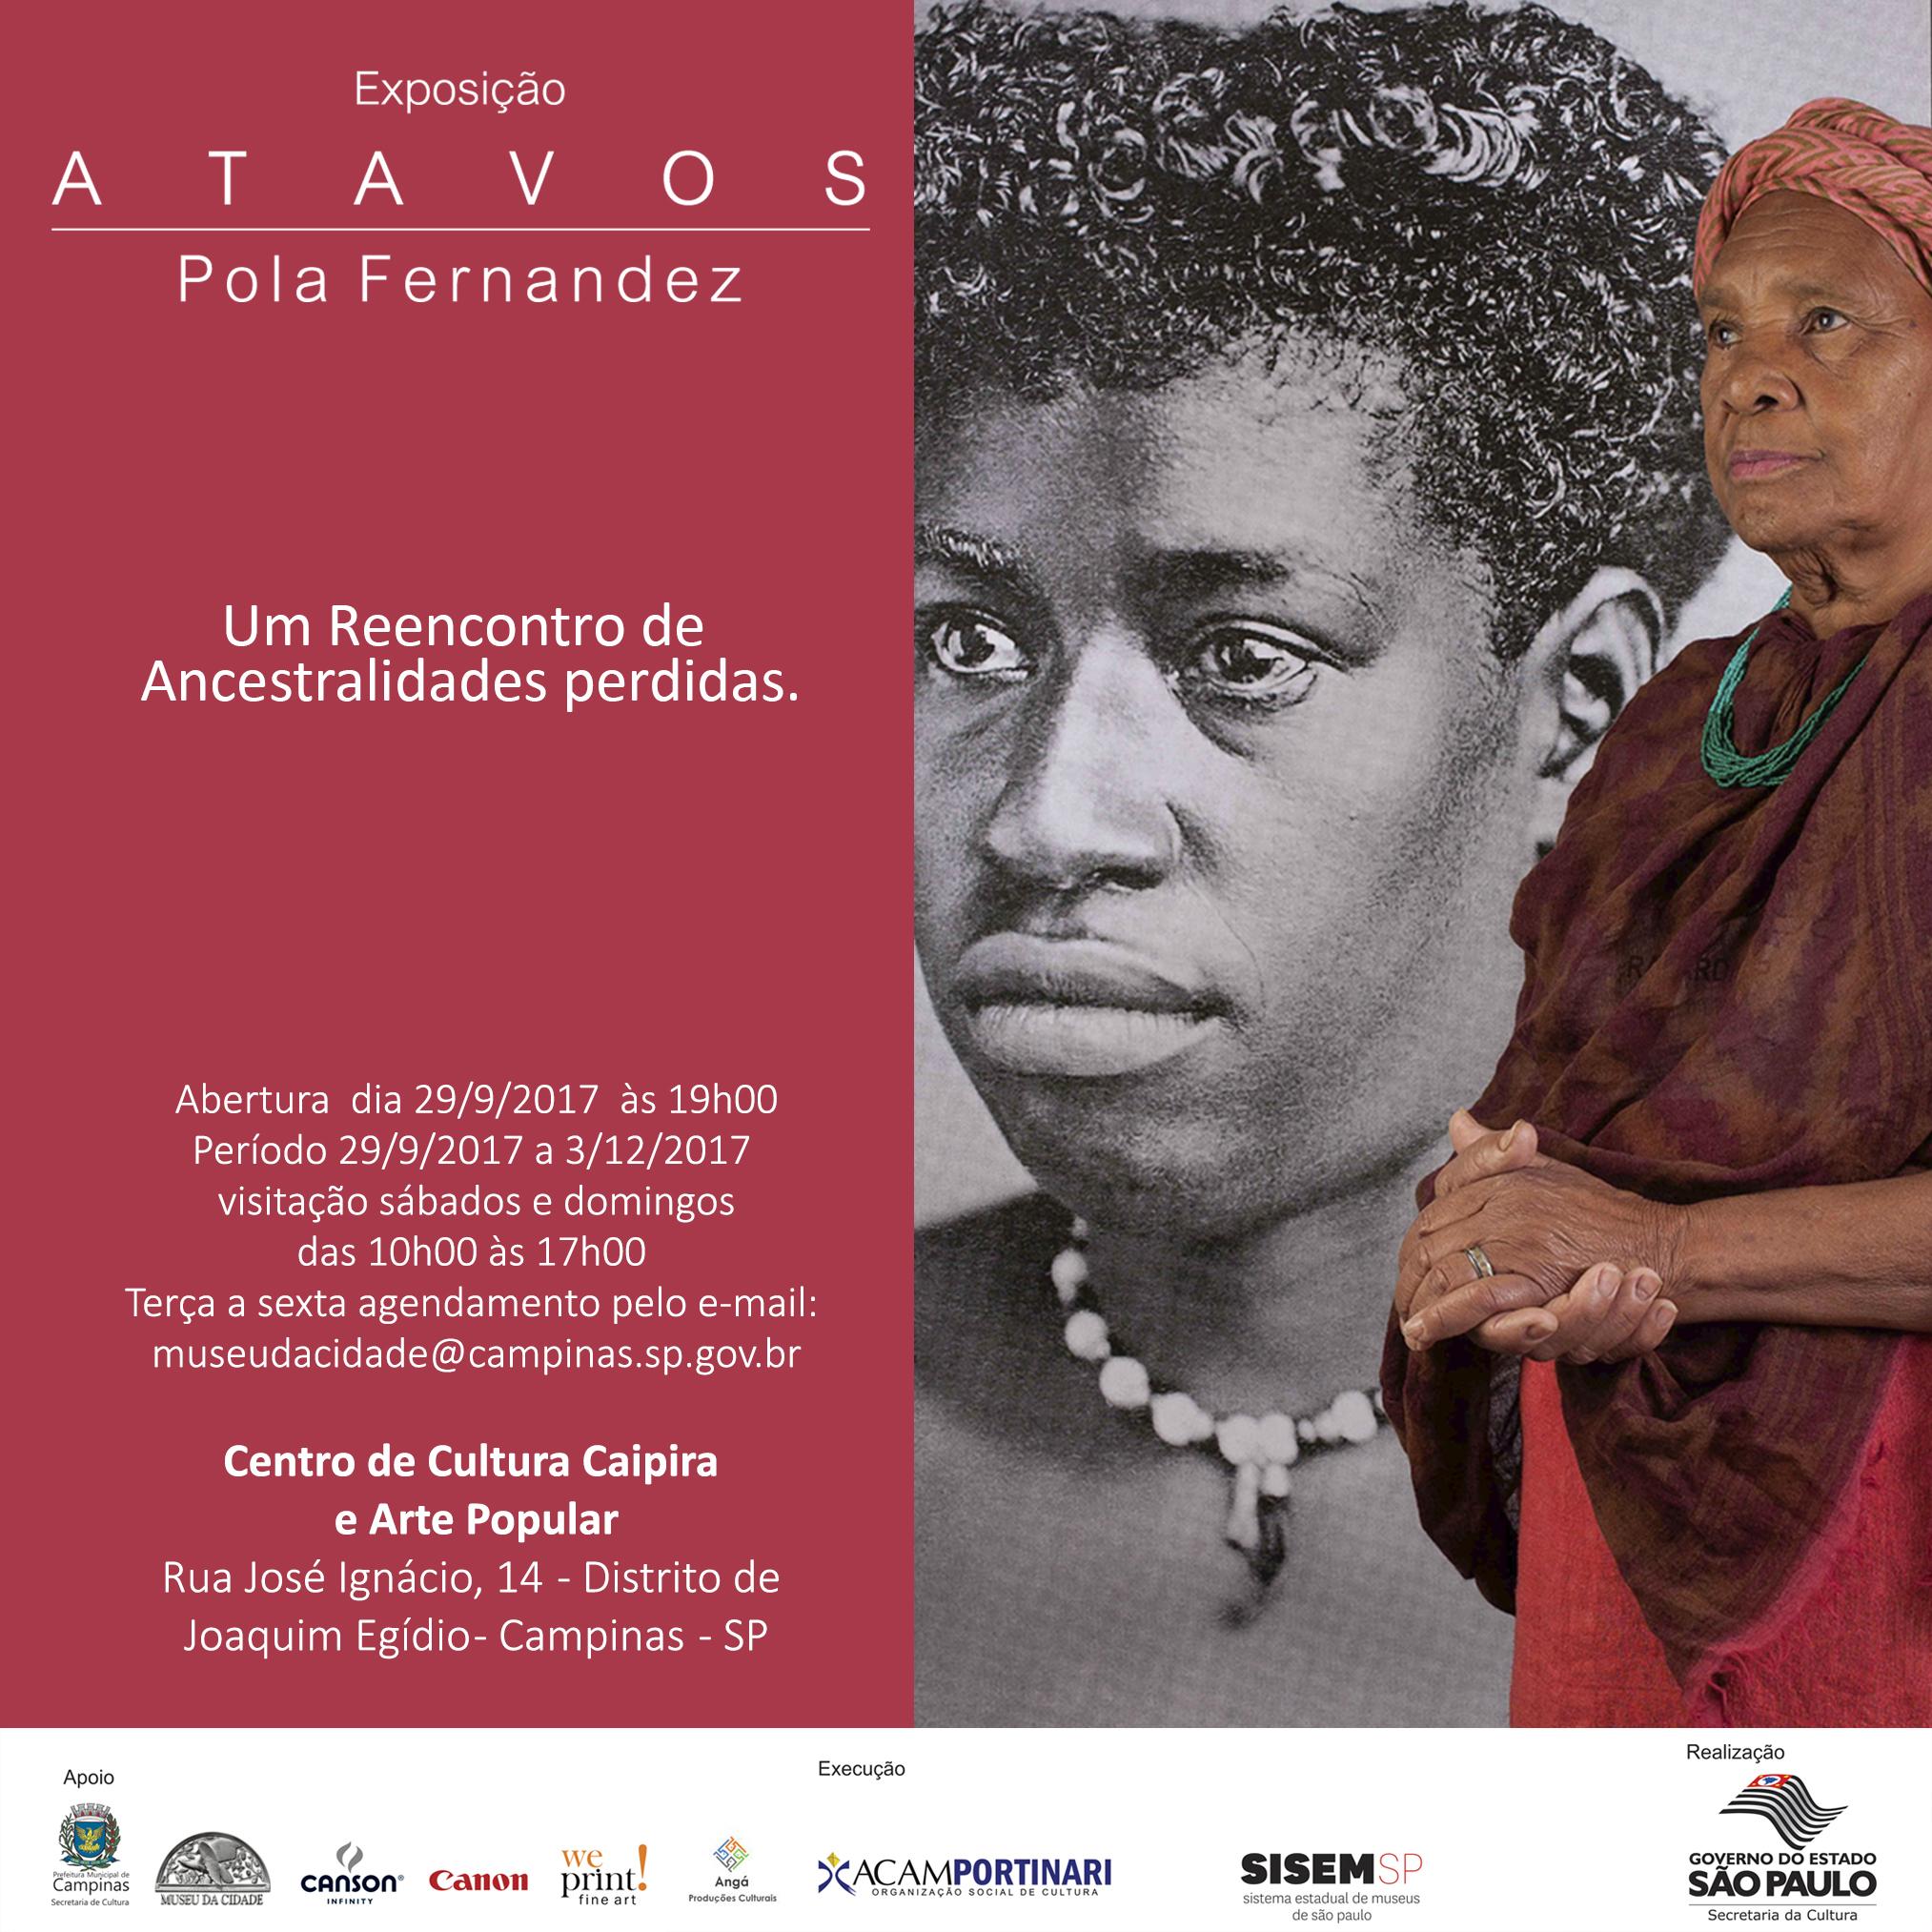 Convite Atavos para Joaquim Egidio.jpg